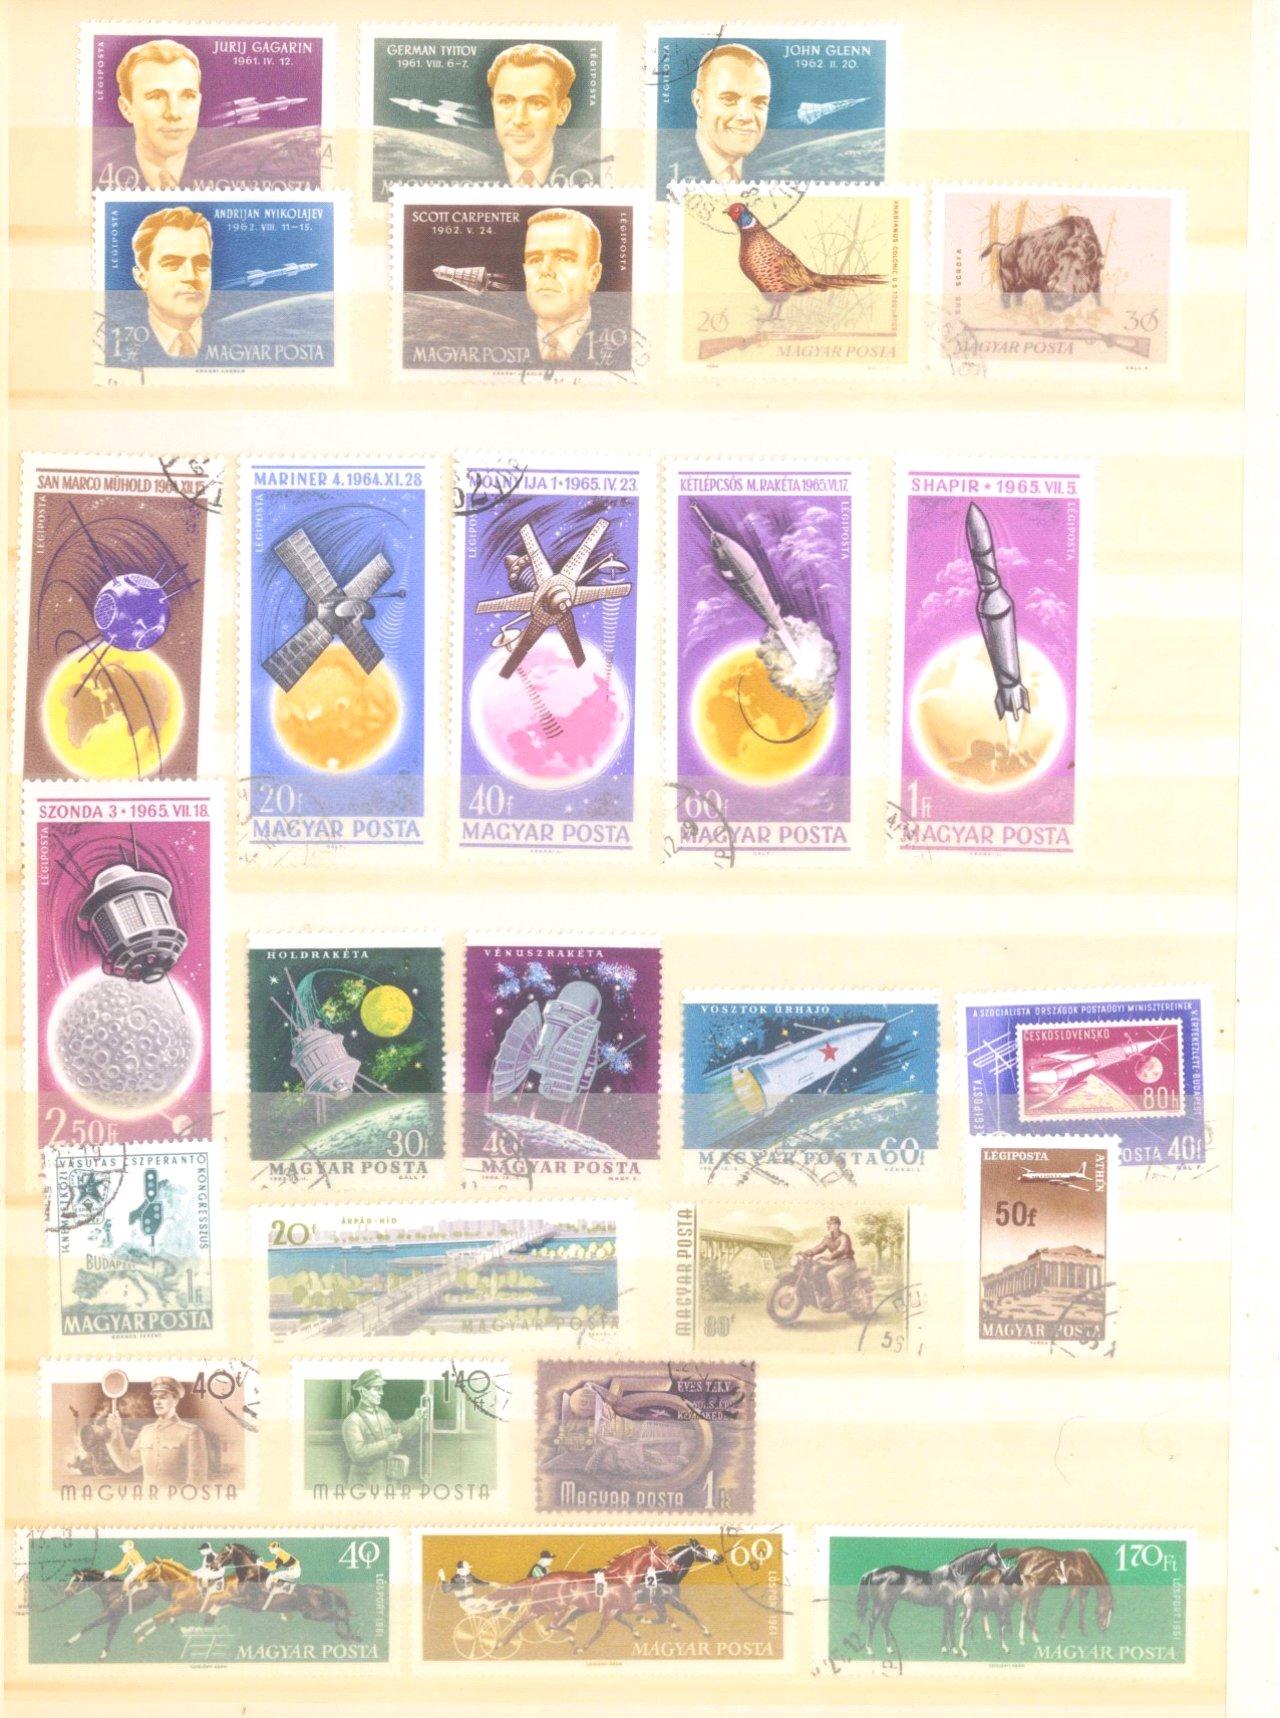 Mannheimer Briefmarkennachlass-45